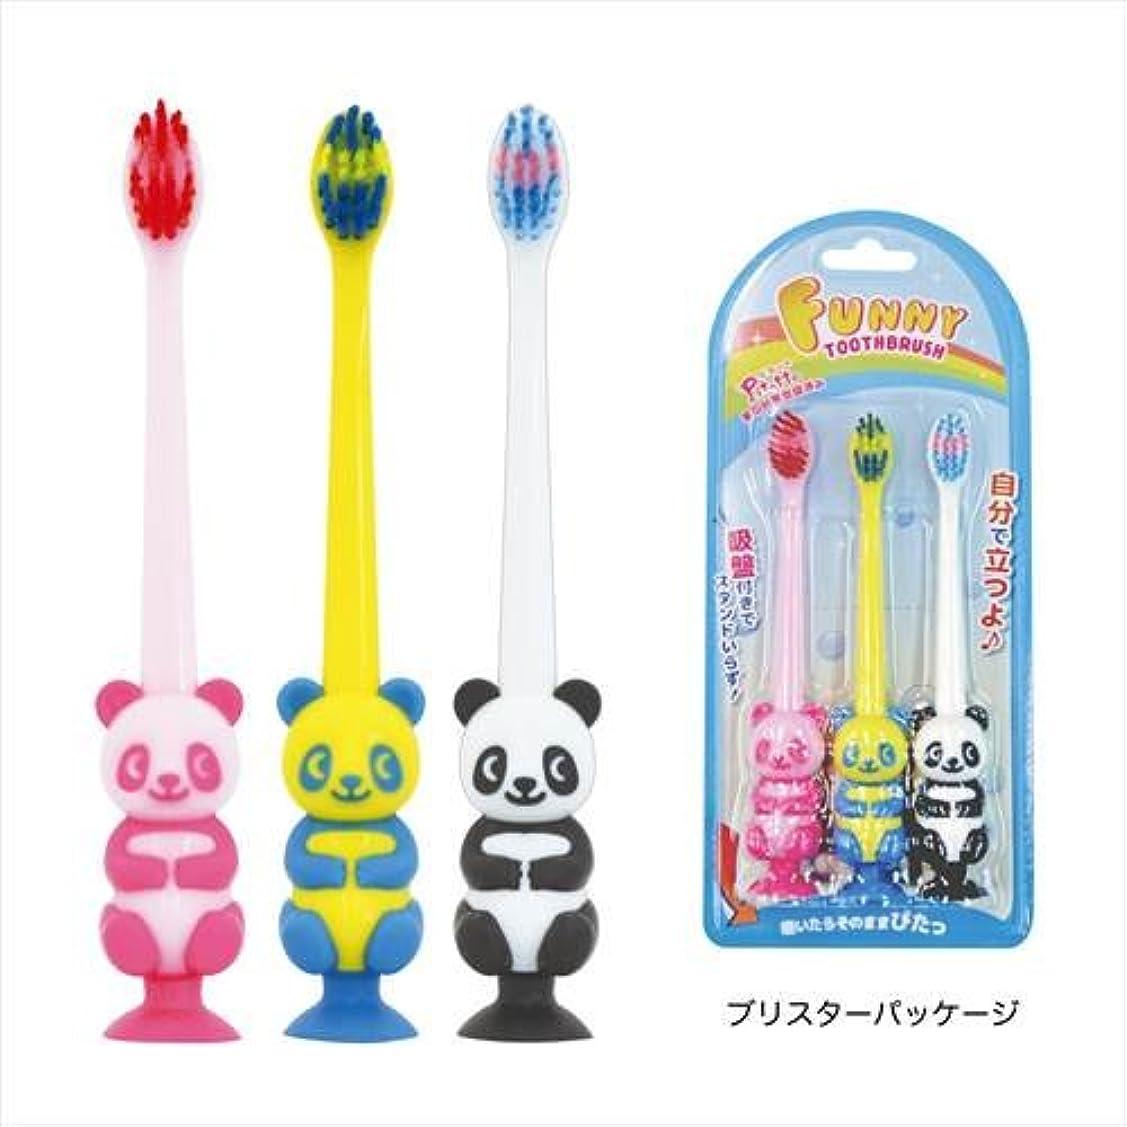 ブラシ制裁疑問に思うファニー歯ブラシ パンダ 3本セット